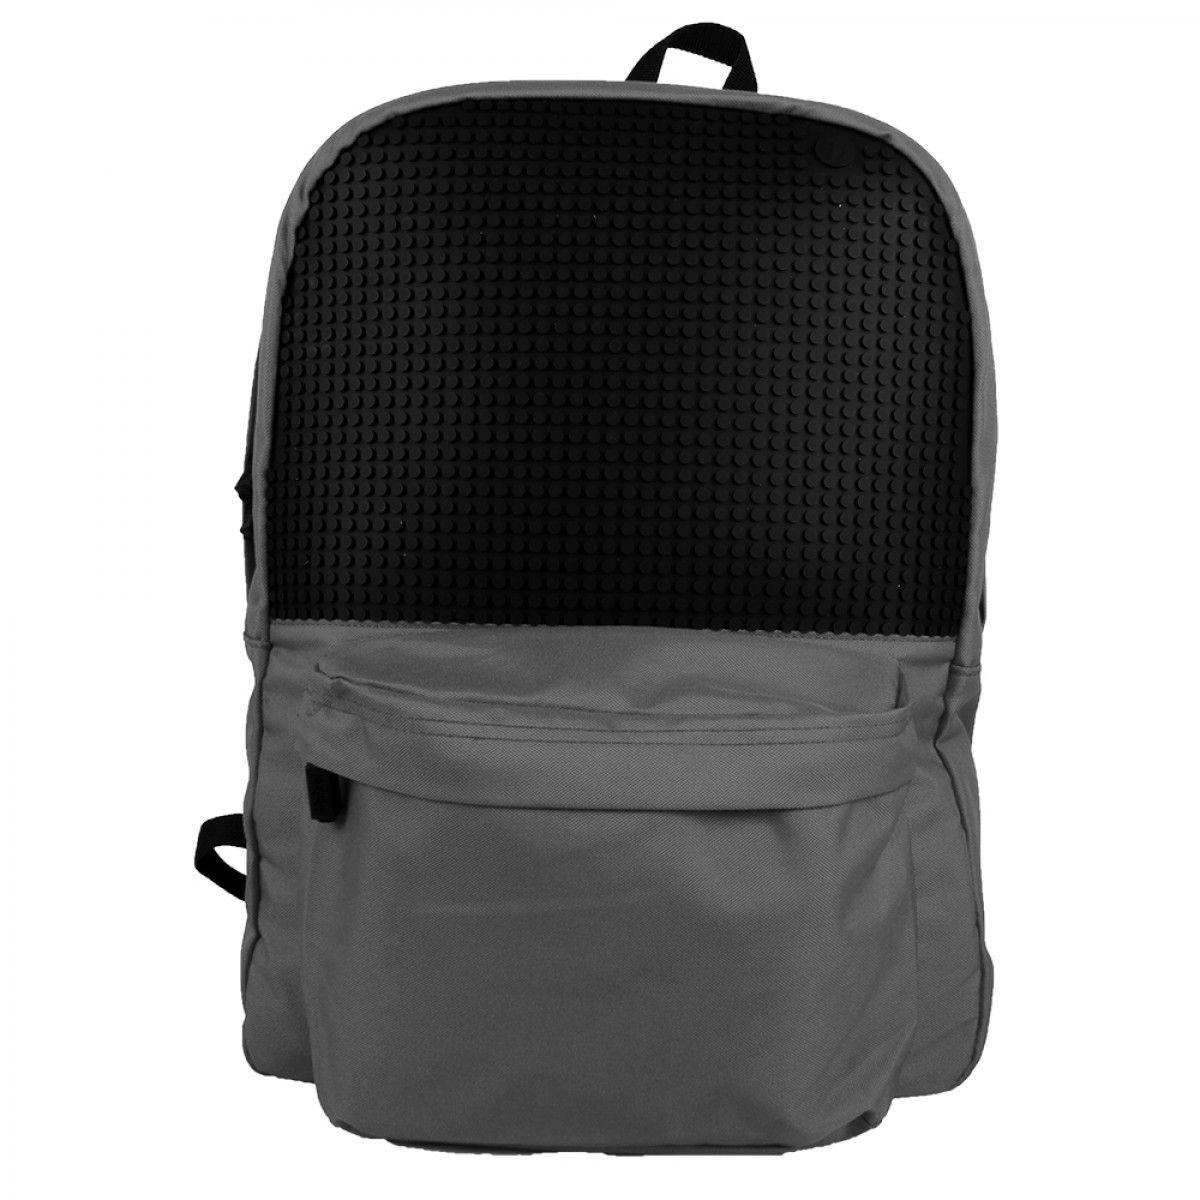 UPixel Pixel Daypack - Black